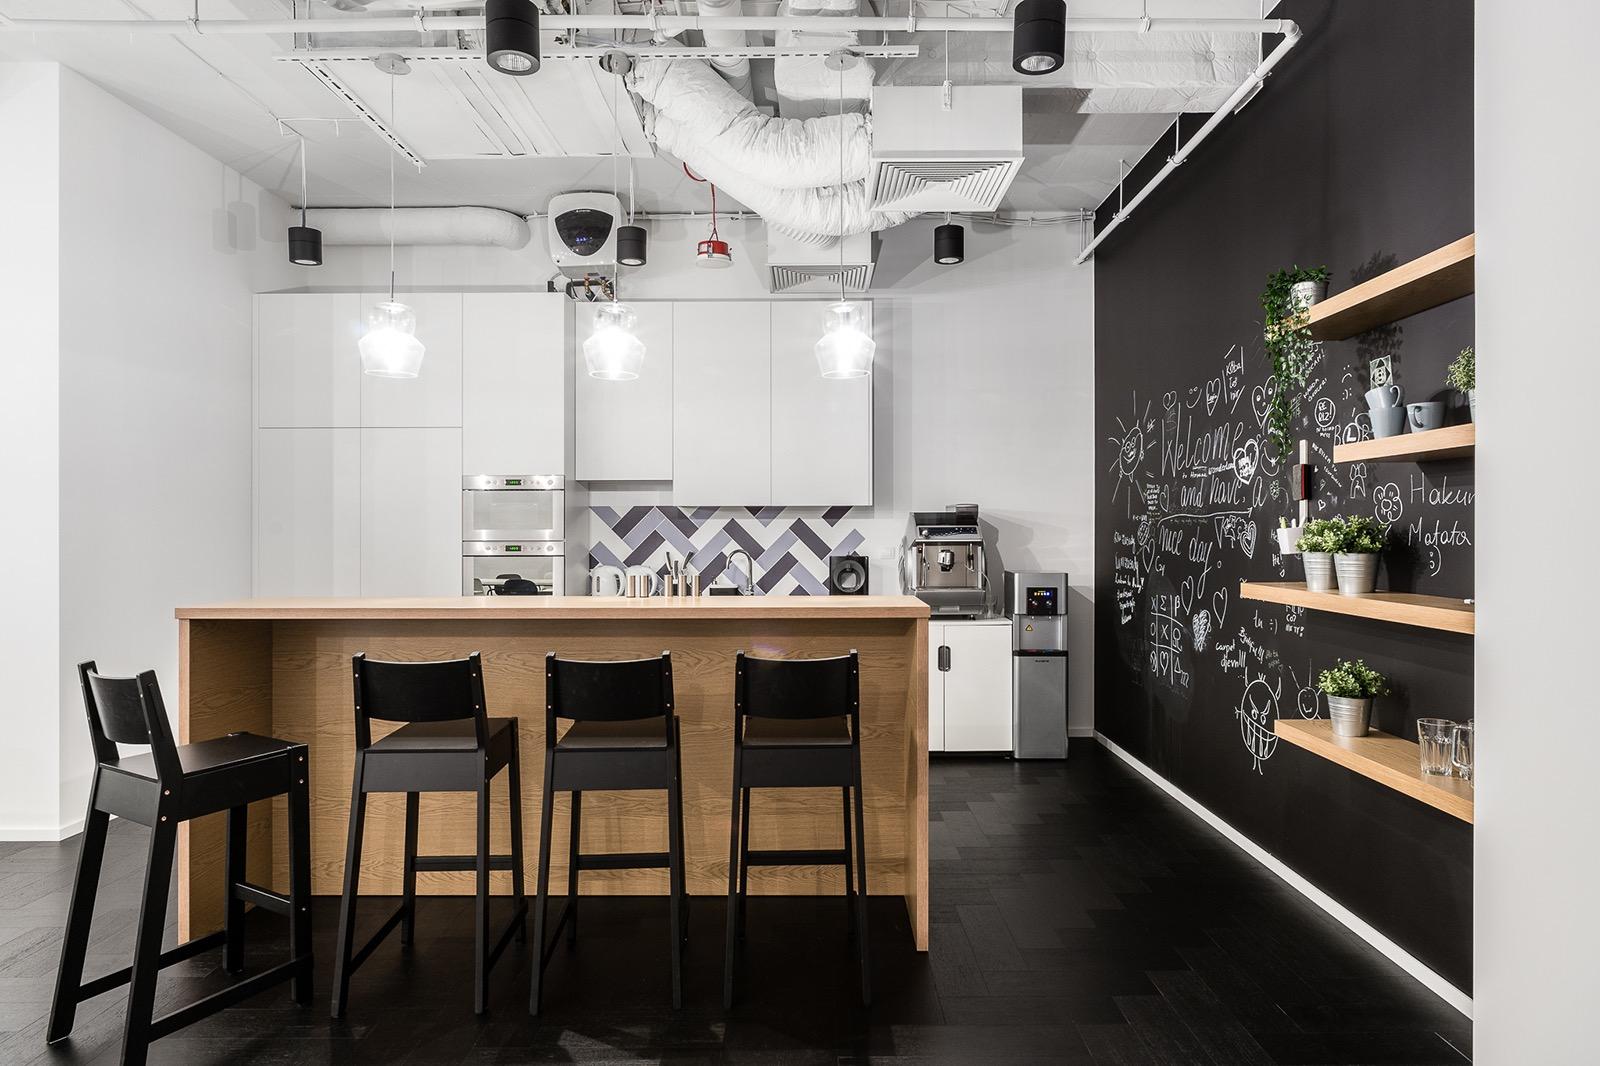 euronet-warsaw-office-8